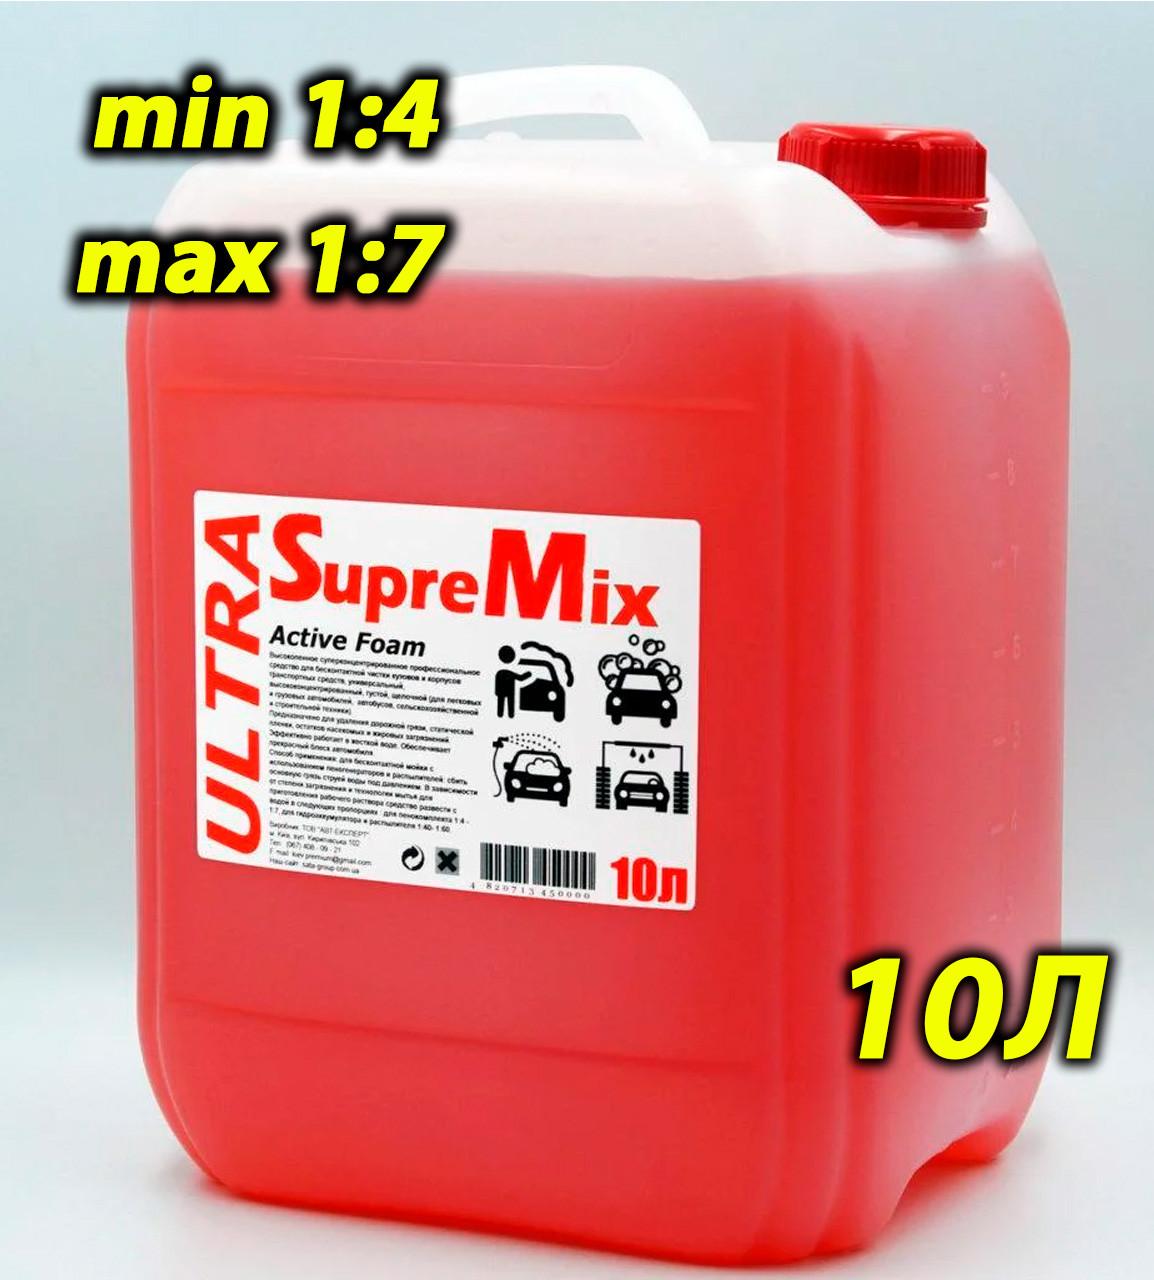 Активная пена для бесконтактной мойки SupreMix Ultra 1:7 10л